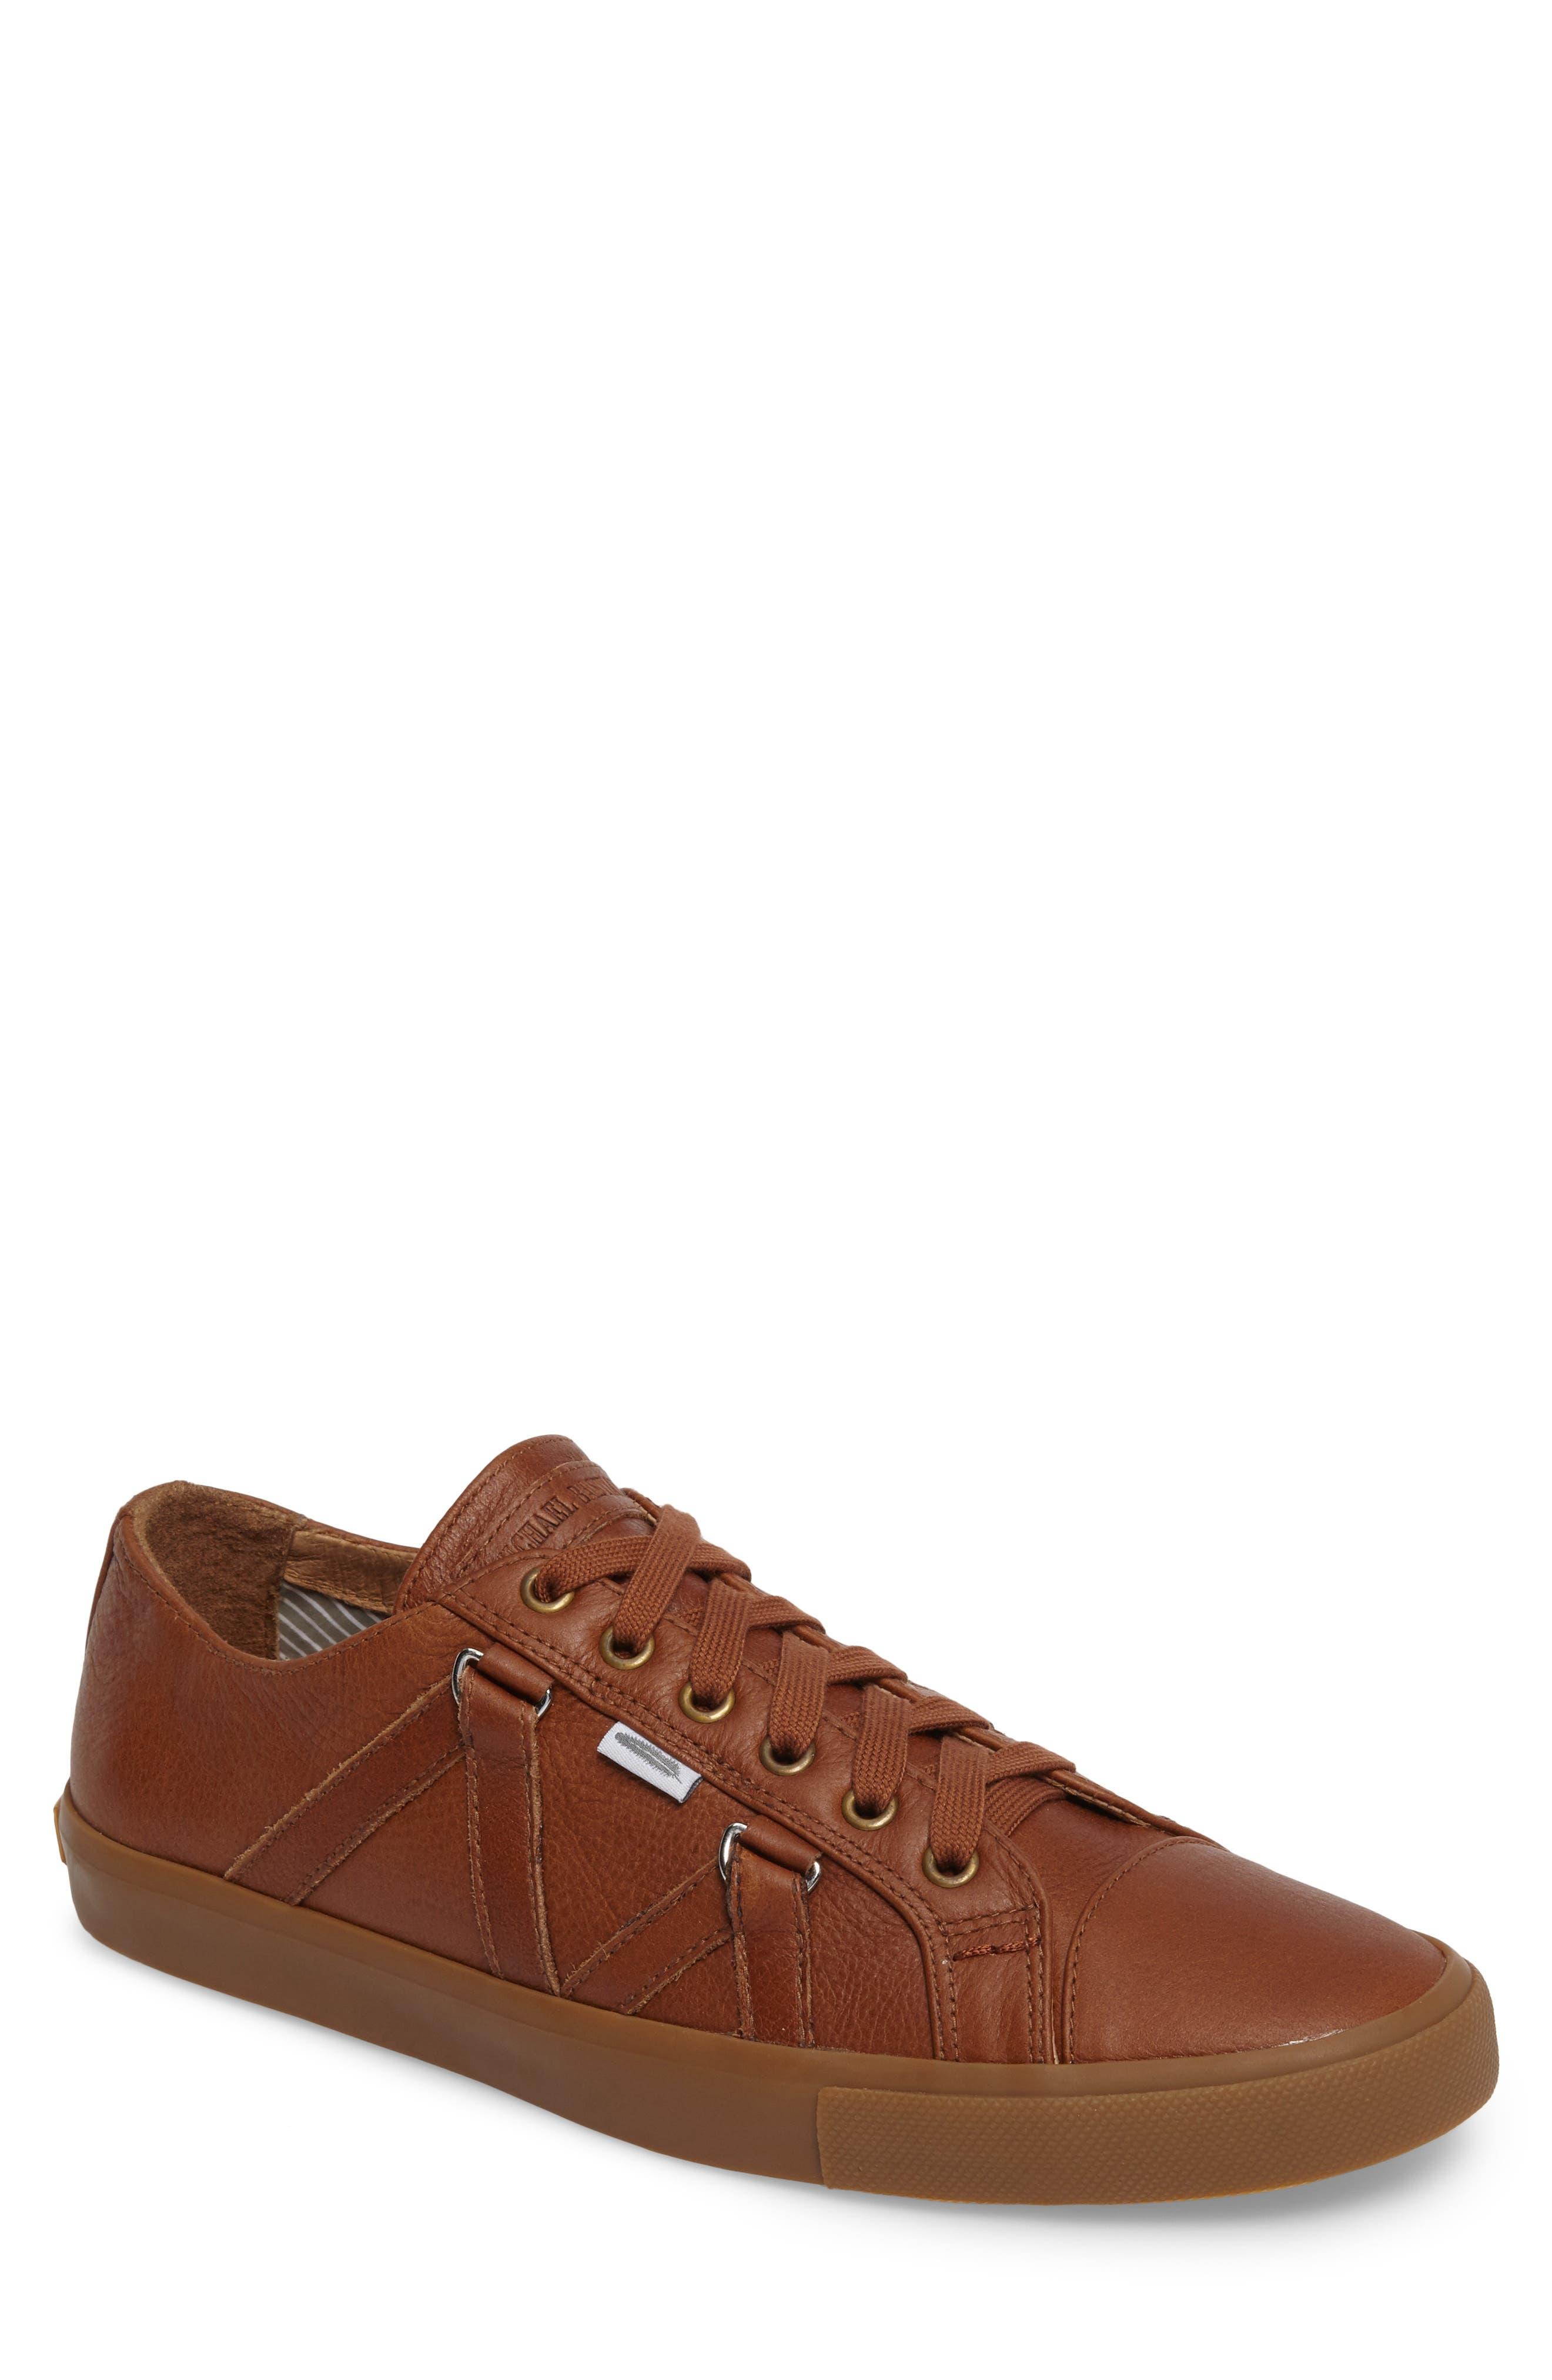 Alternate Image 1 Selected - Michael Bastian Signature Sneaker (Men)